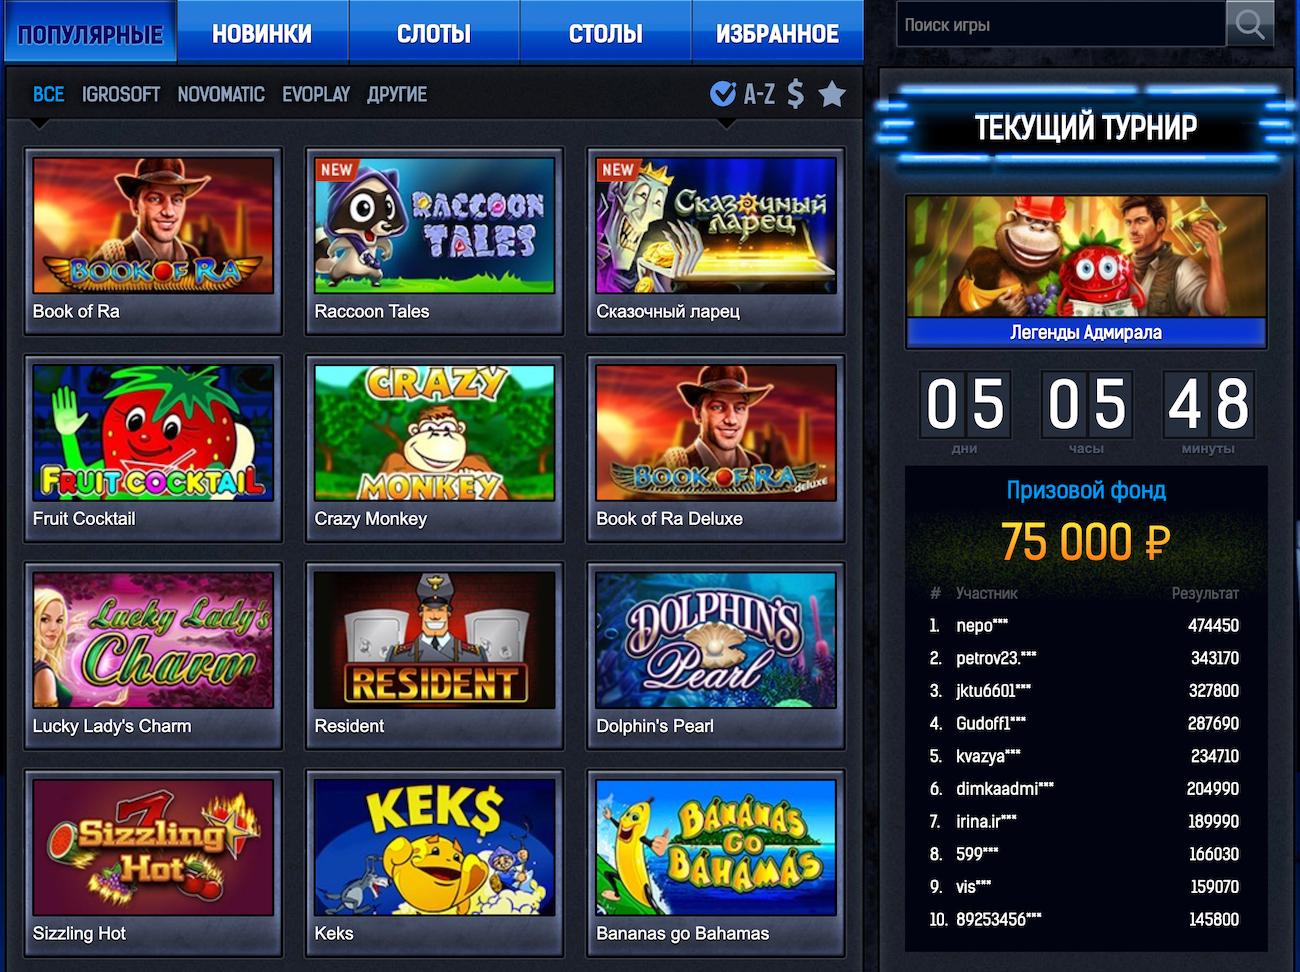 Игровой автомат адмирал рейтинг слотов рф автоматы игровые поиграть бесплатно сейчас